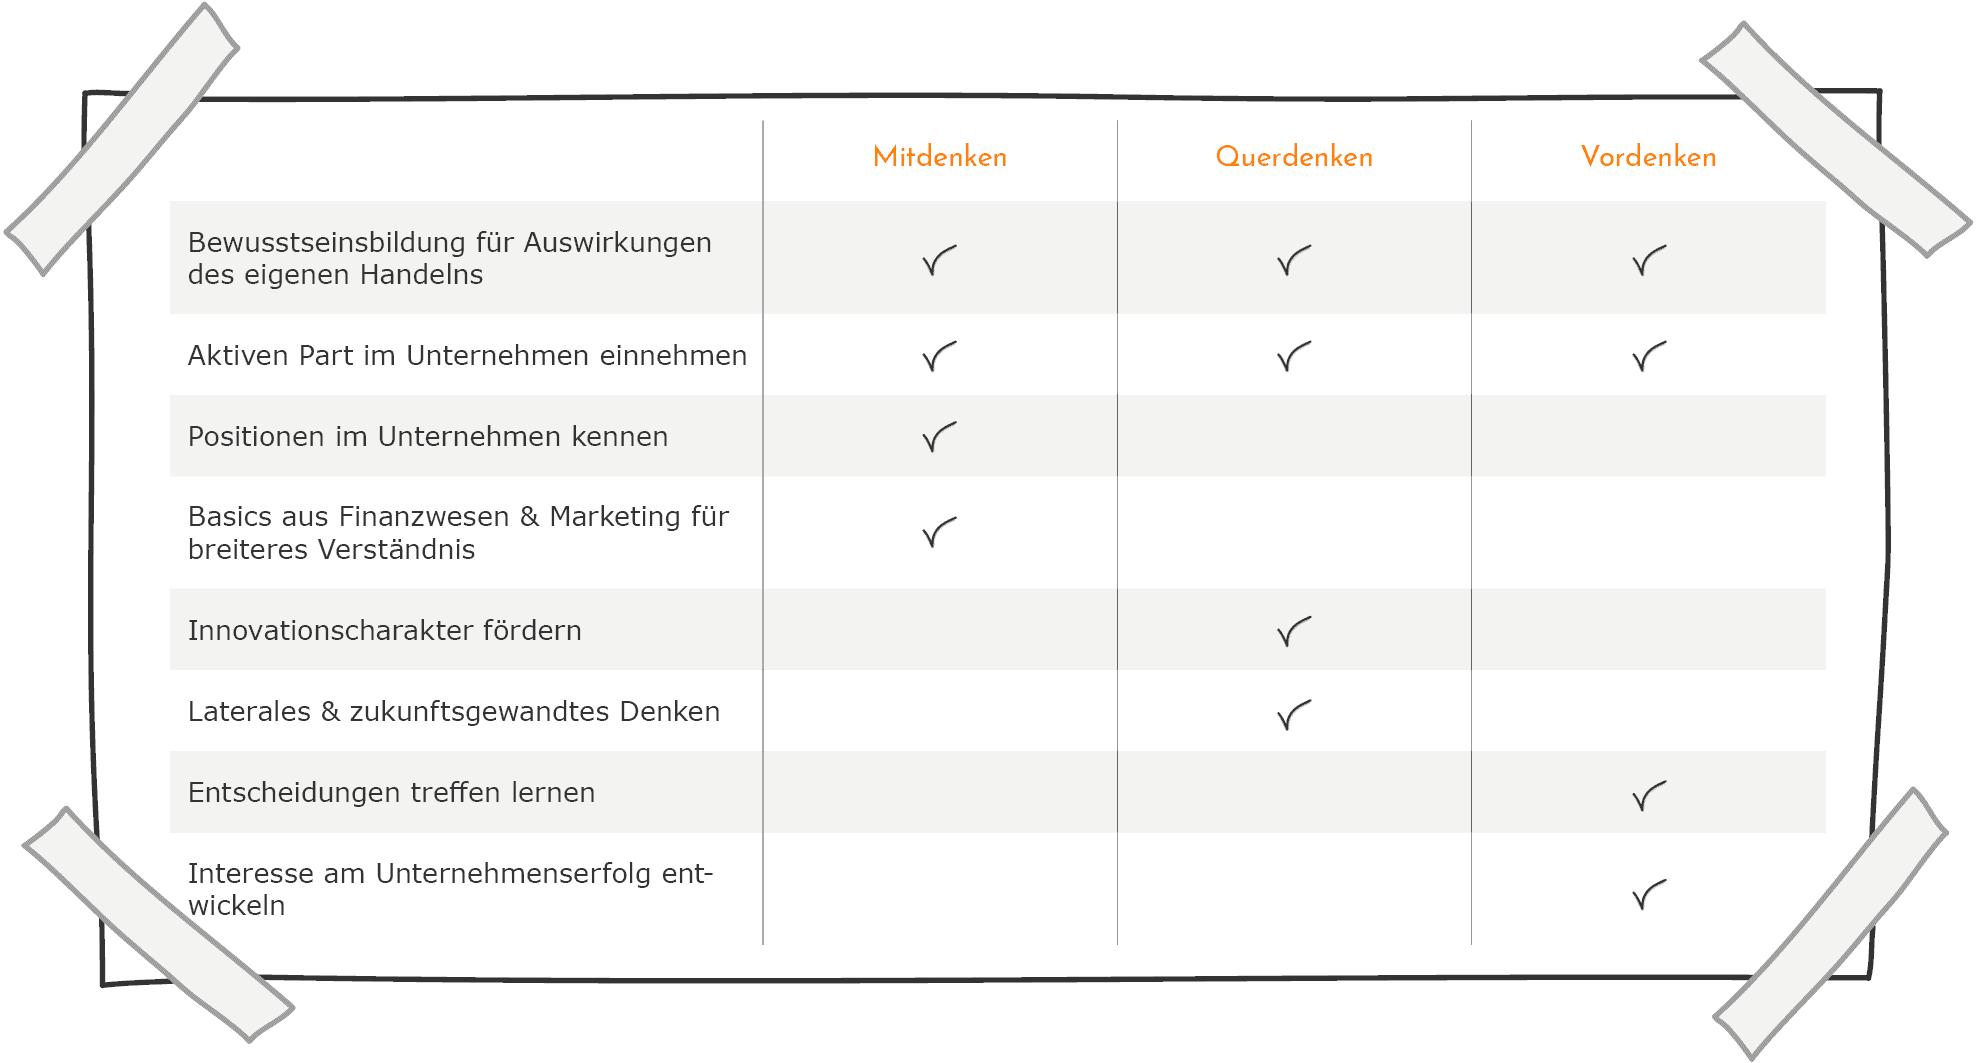 Meine Rolle als Lehrling - Inhalte im Vergleich